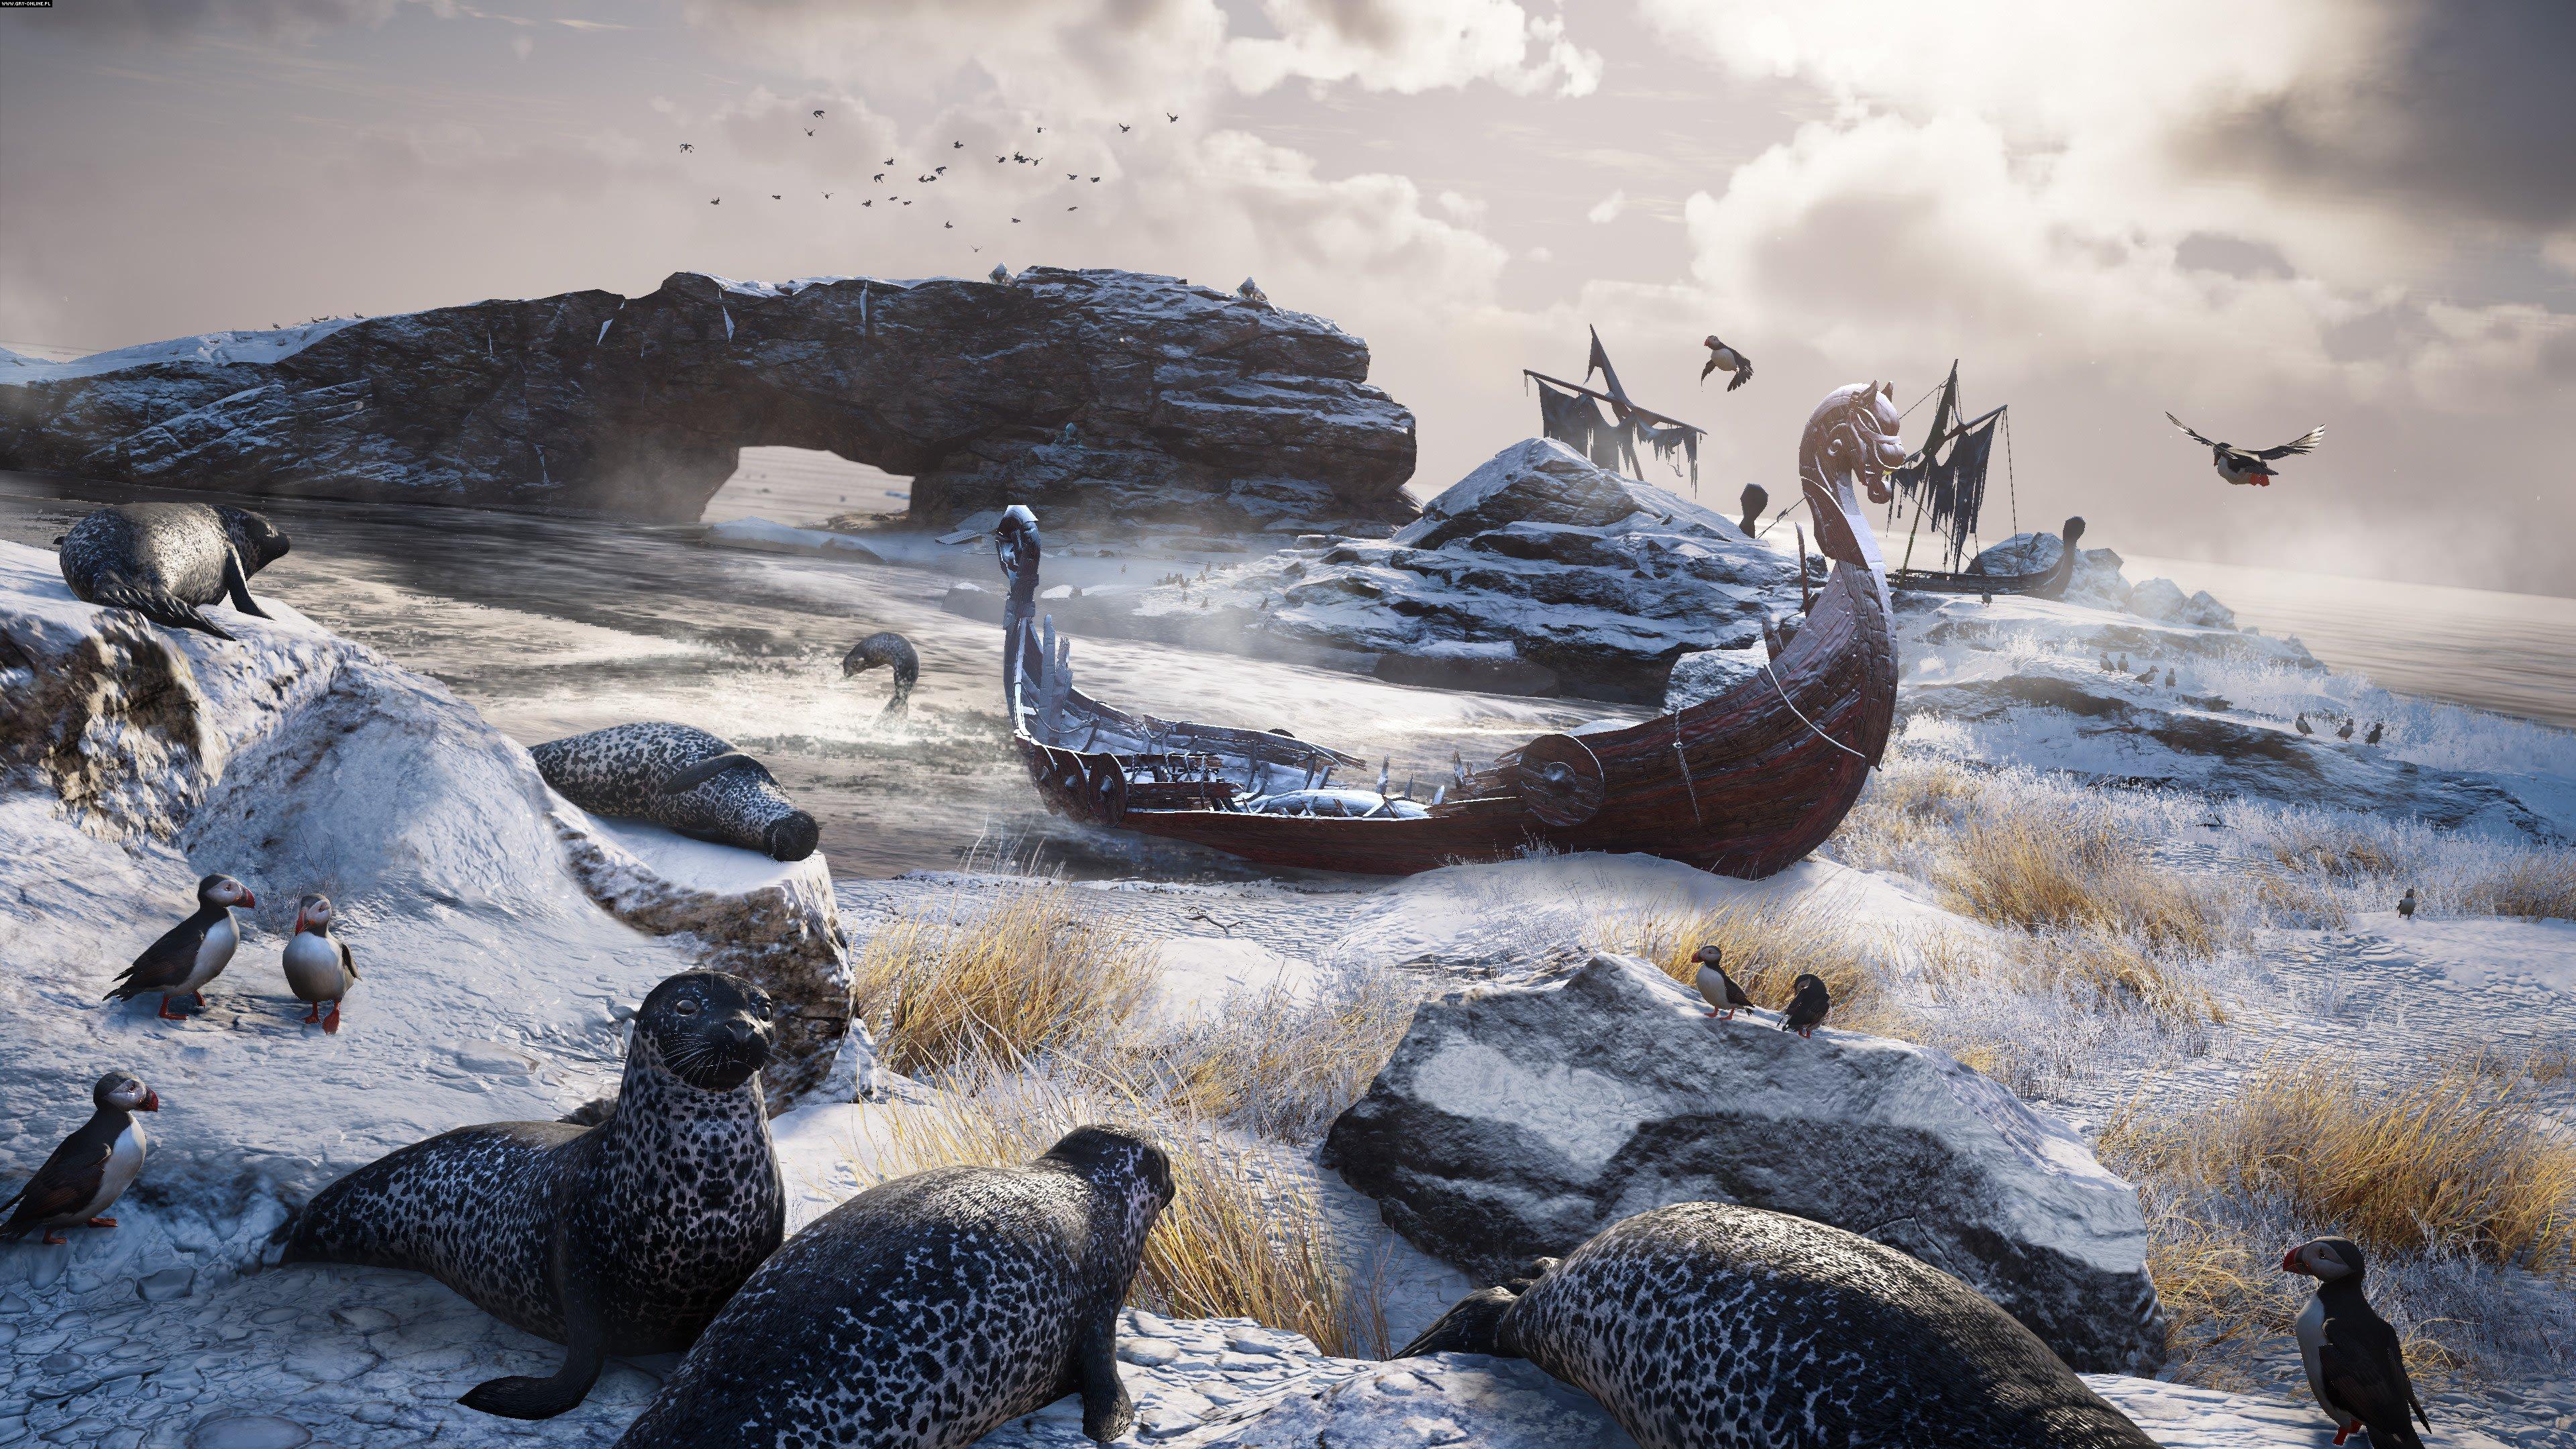 刺客信条:英灵殿/刺客信条9英灵殿/Assassin's Creed Valhalla